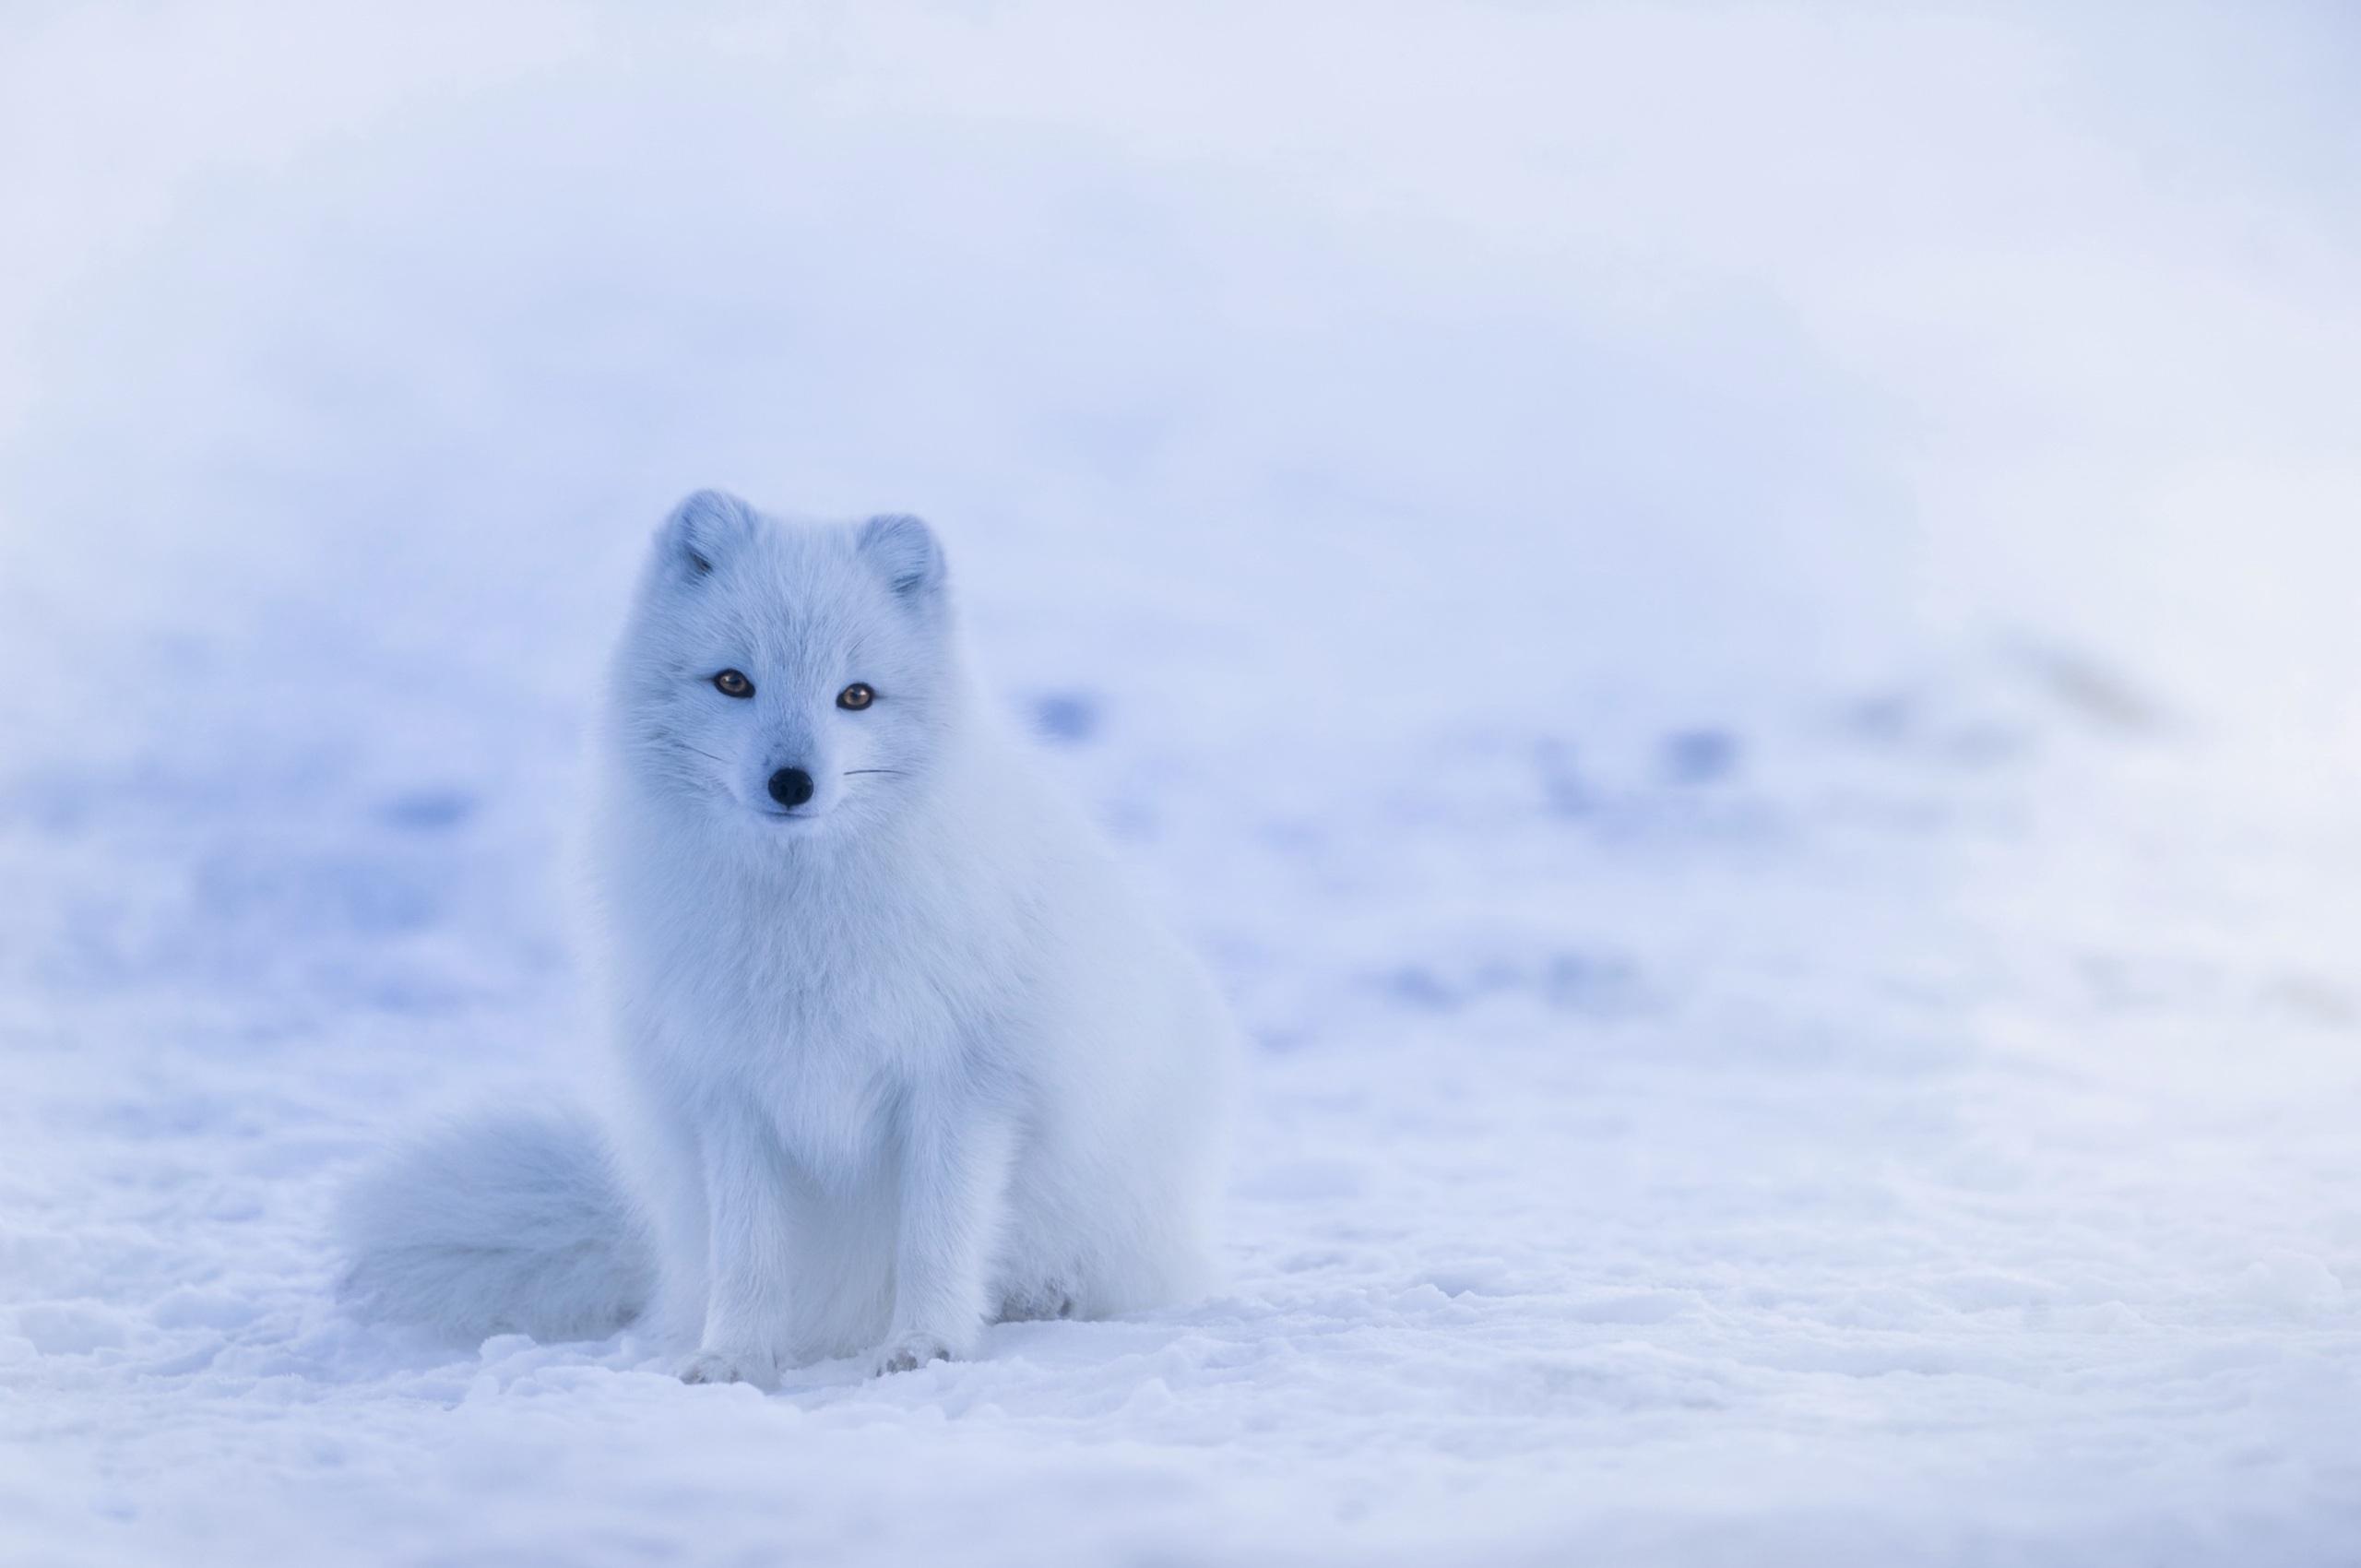 Картинка: Песец, белая, полярная, лисица, лиса, снег, зима